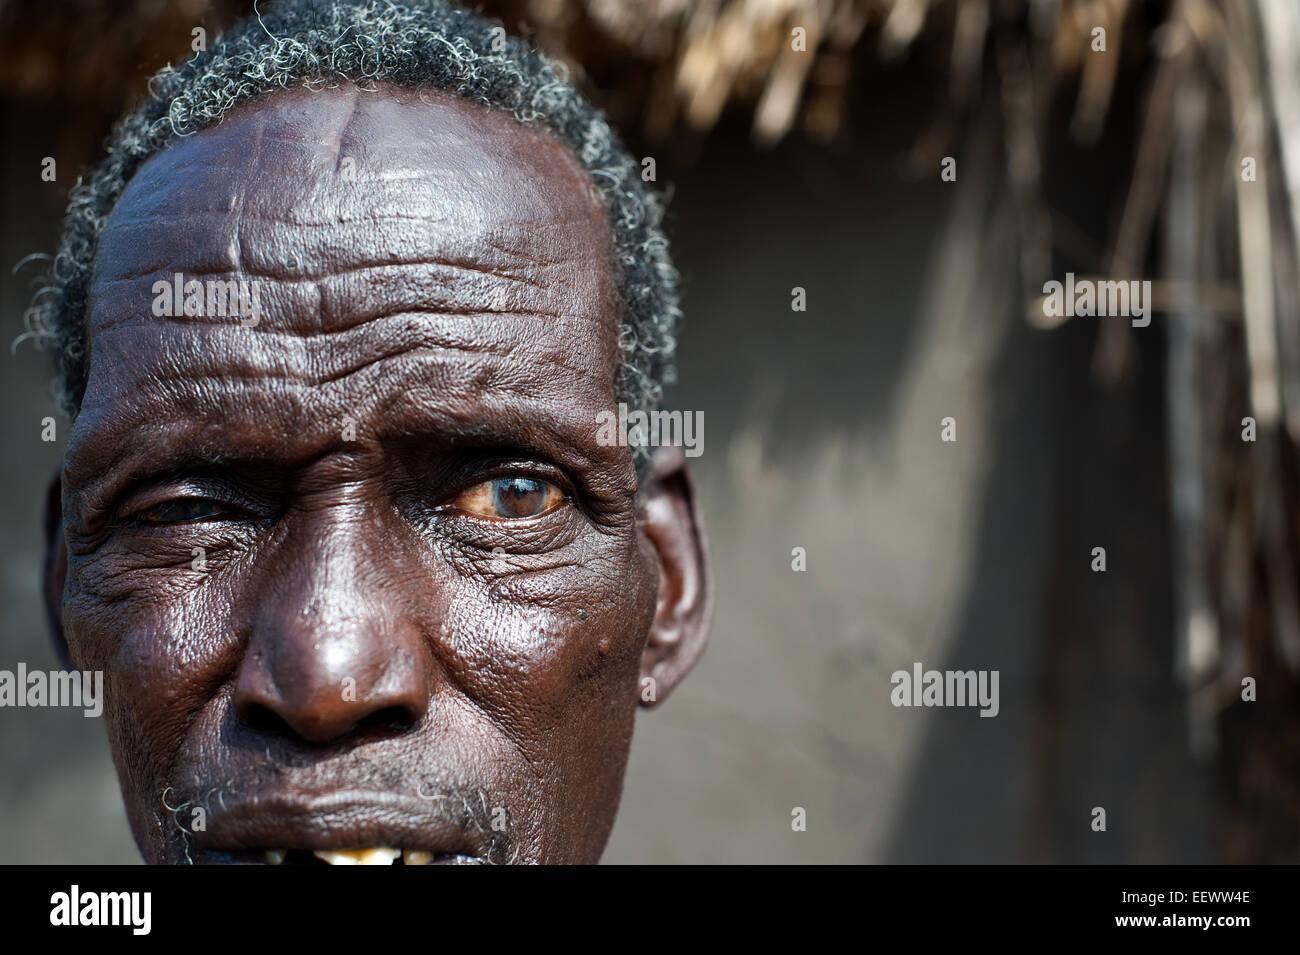 L'uomo appartenenti alla tribù Nuer con tradizionale scarifications sulla fronte. Egli è un rifugiato Immagini Stock